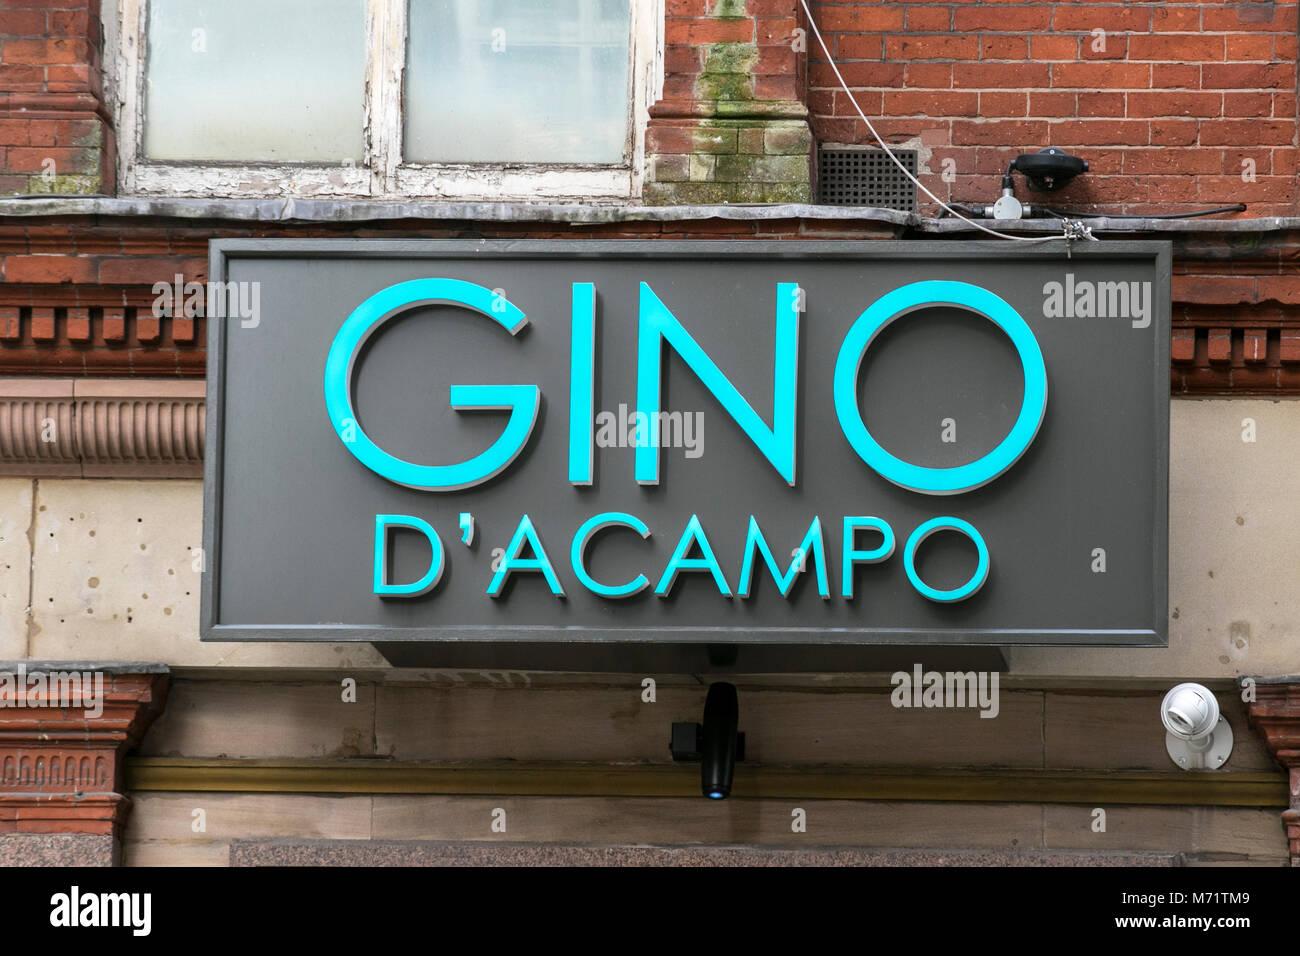 Gino D'acampo Starkoch restaurateur Restaurant kette Essen essen Essen essen tv-Moderatorin City Cafe essen Stockbild